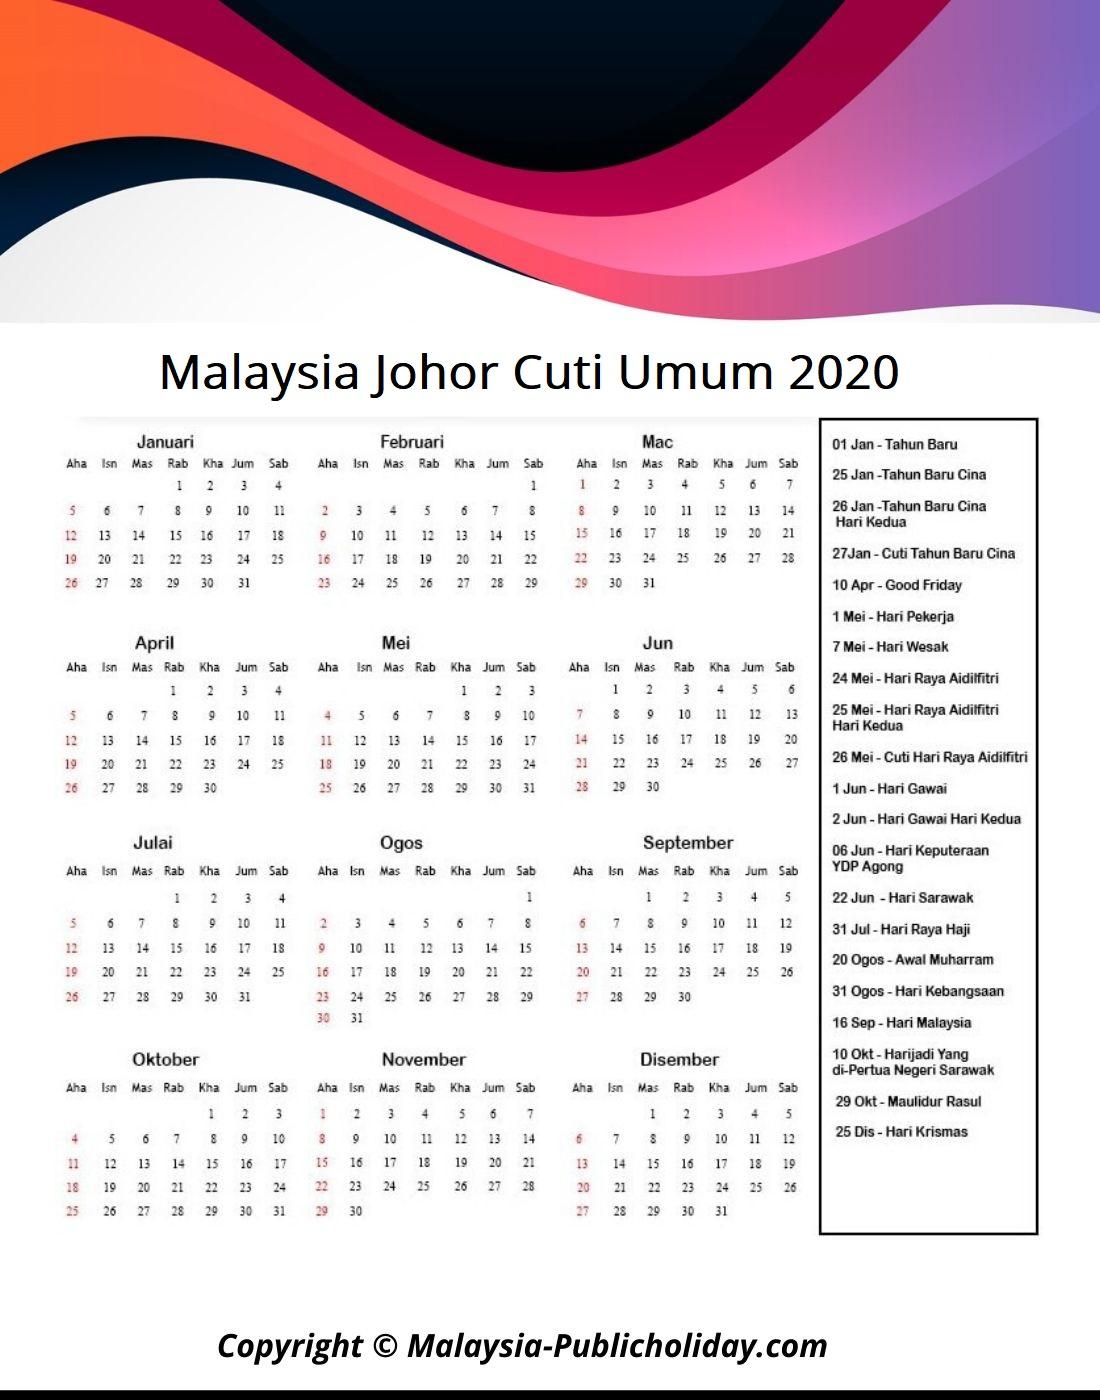 Cuti Umum Johor 2020